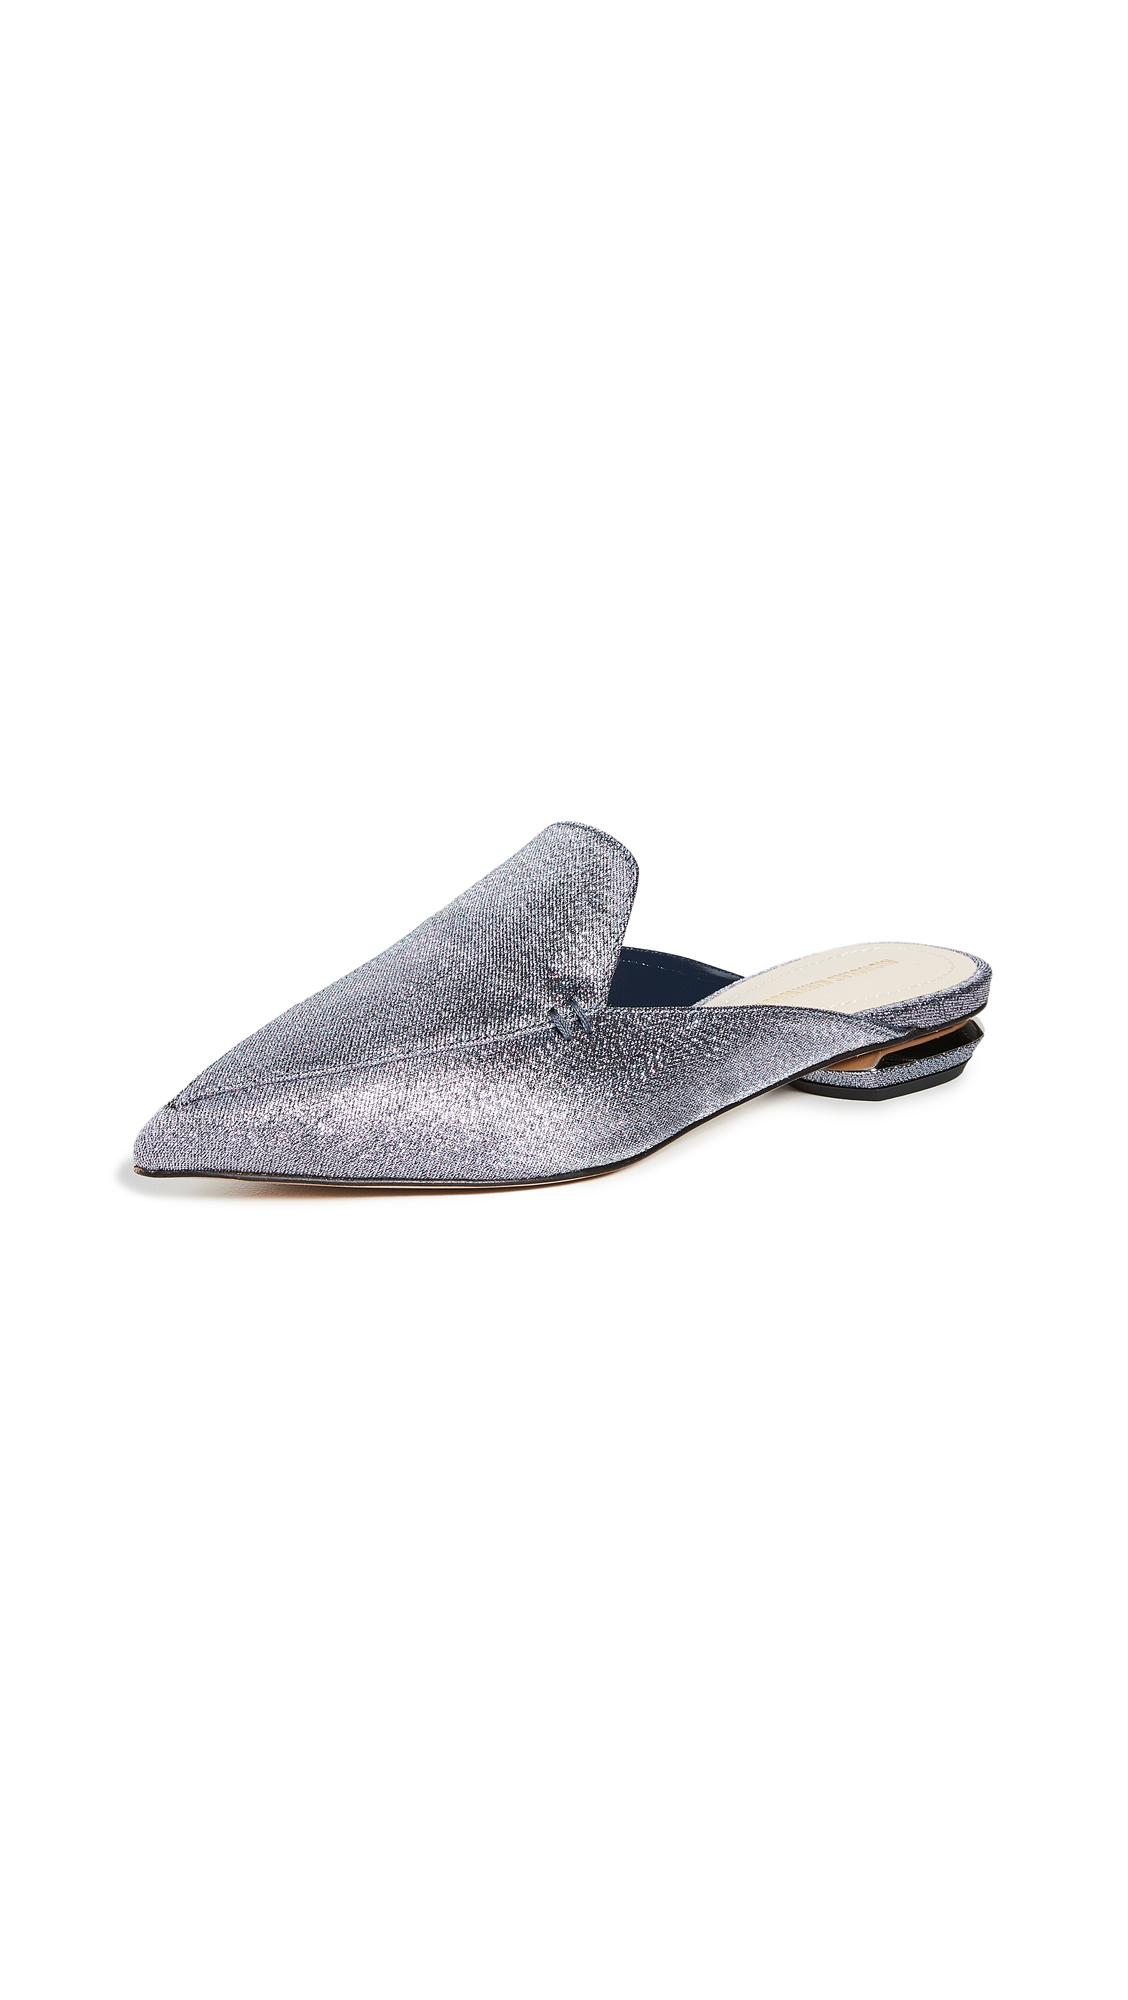 Nicholas Kirkwood Beya Flat Mules – 50% Off Sale